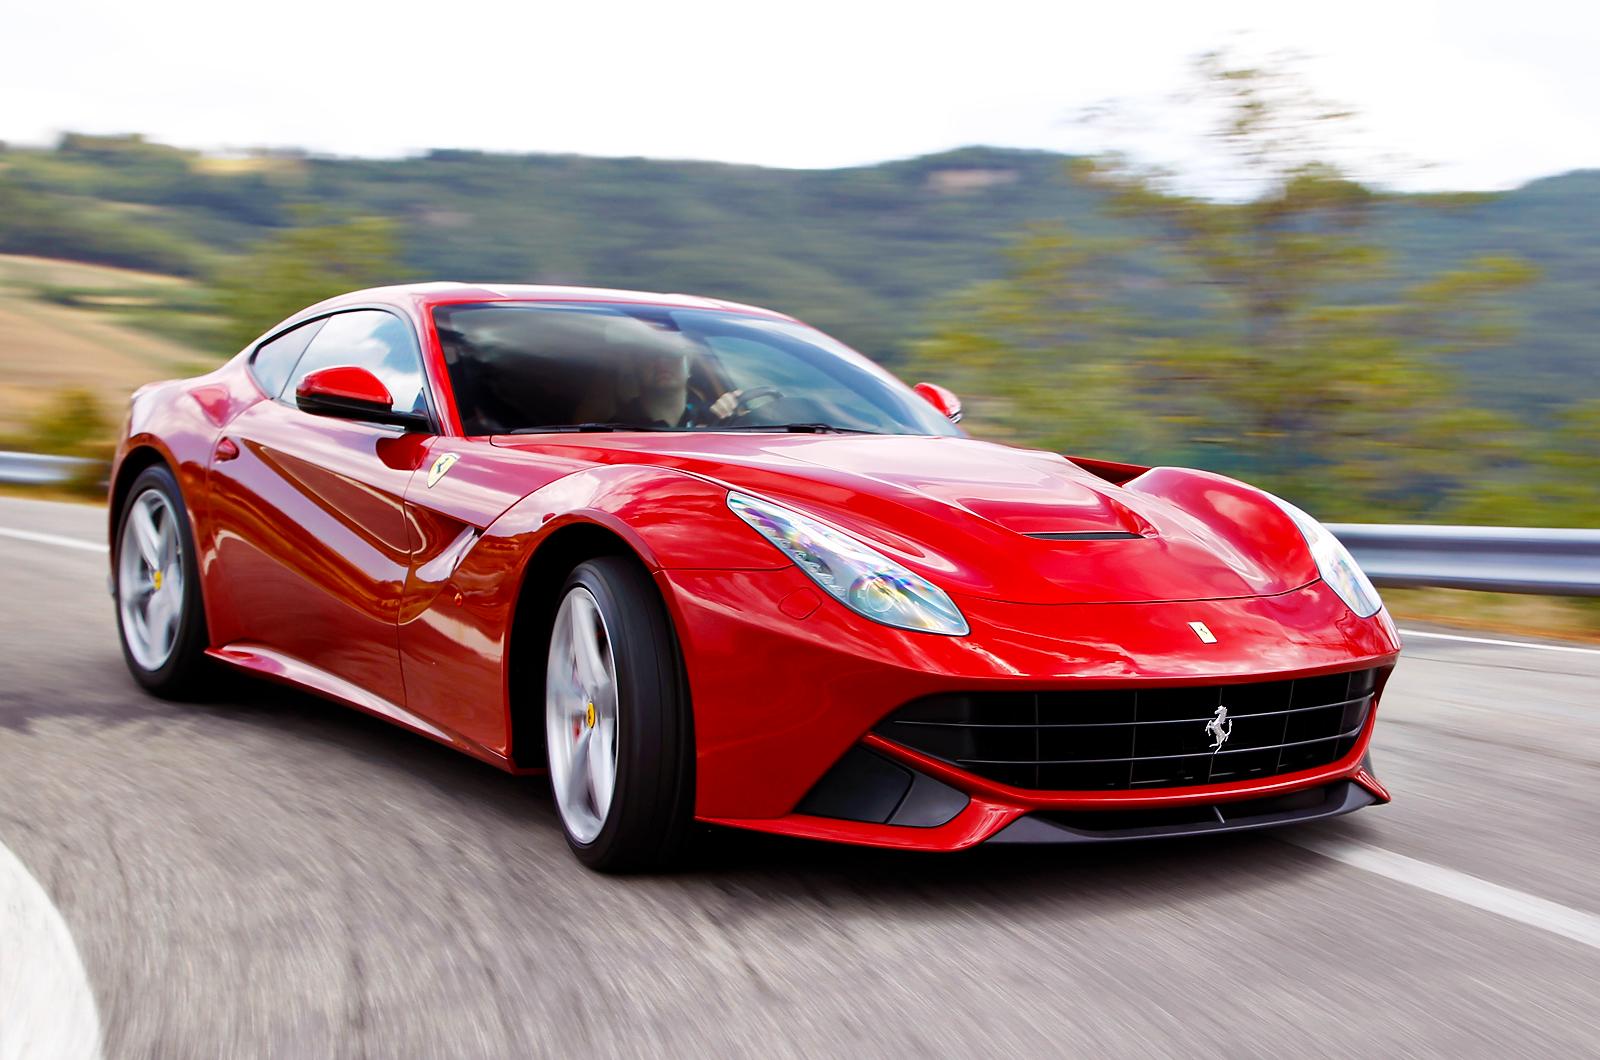 Noleggio auto sportive e di lusso